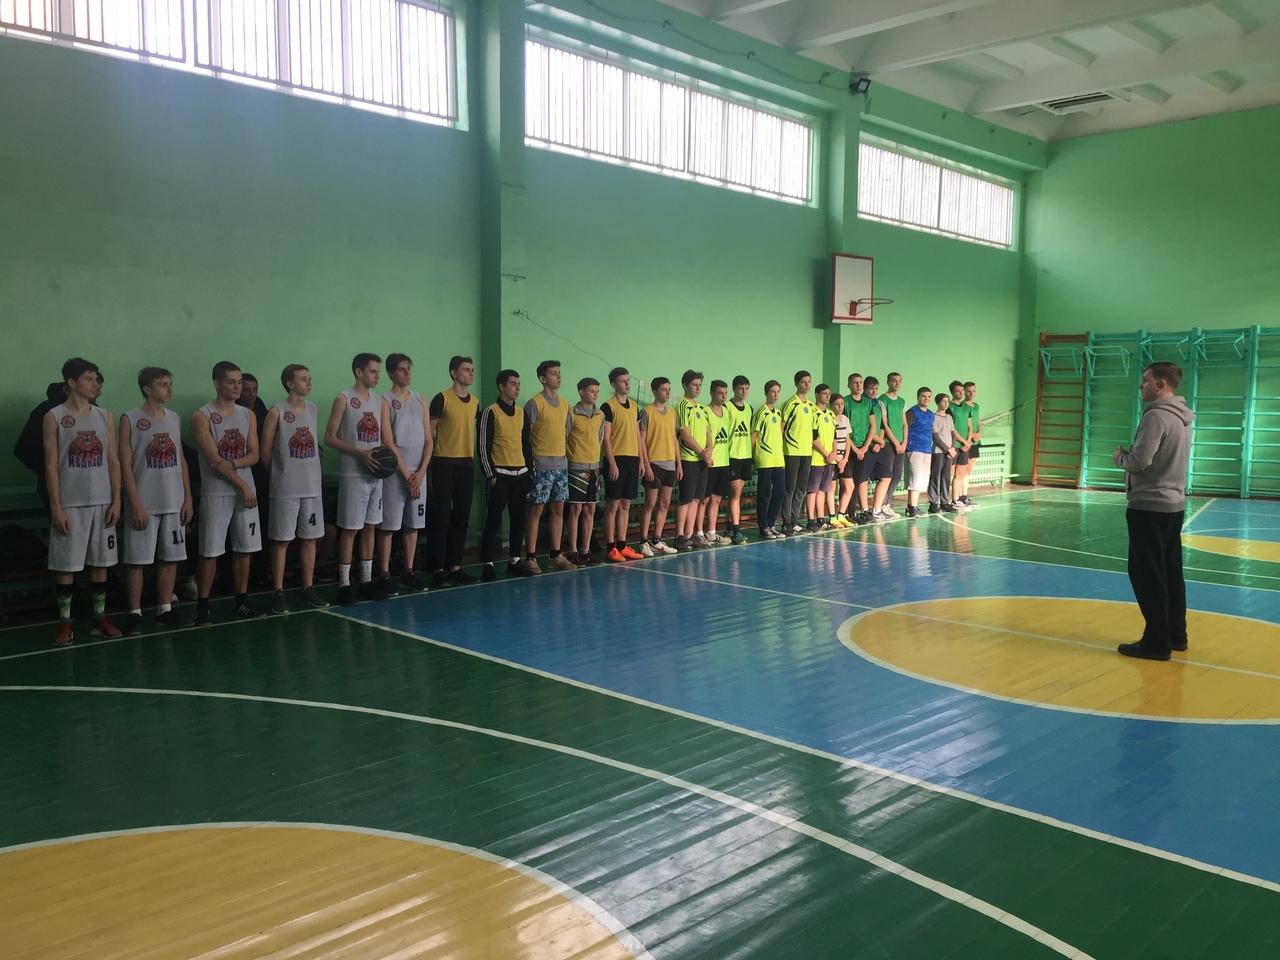 Районный этап школьных соревнования по баскетболу прошёл в Петровском районе